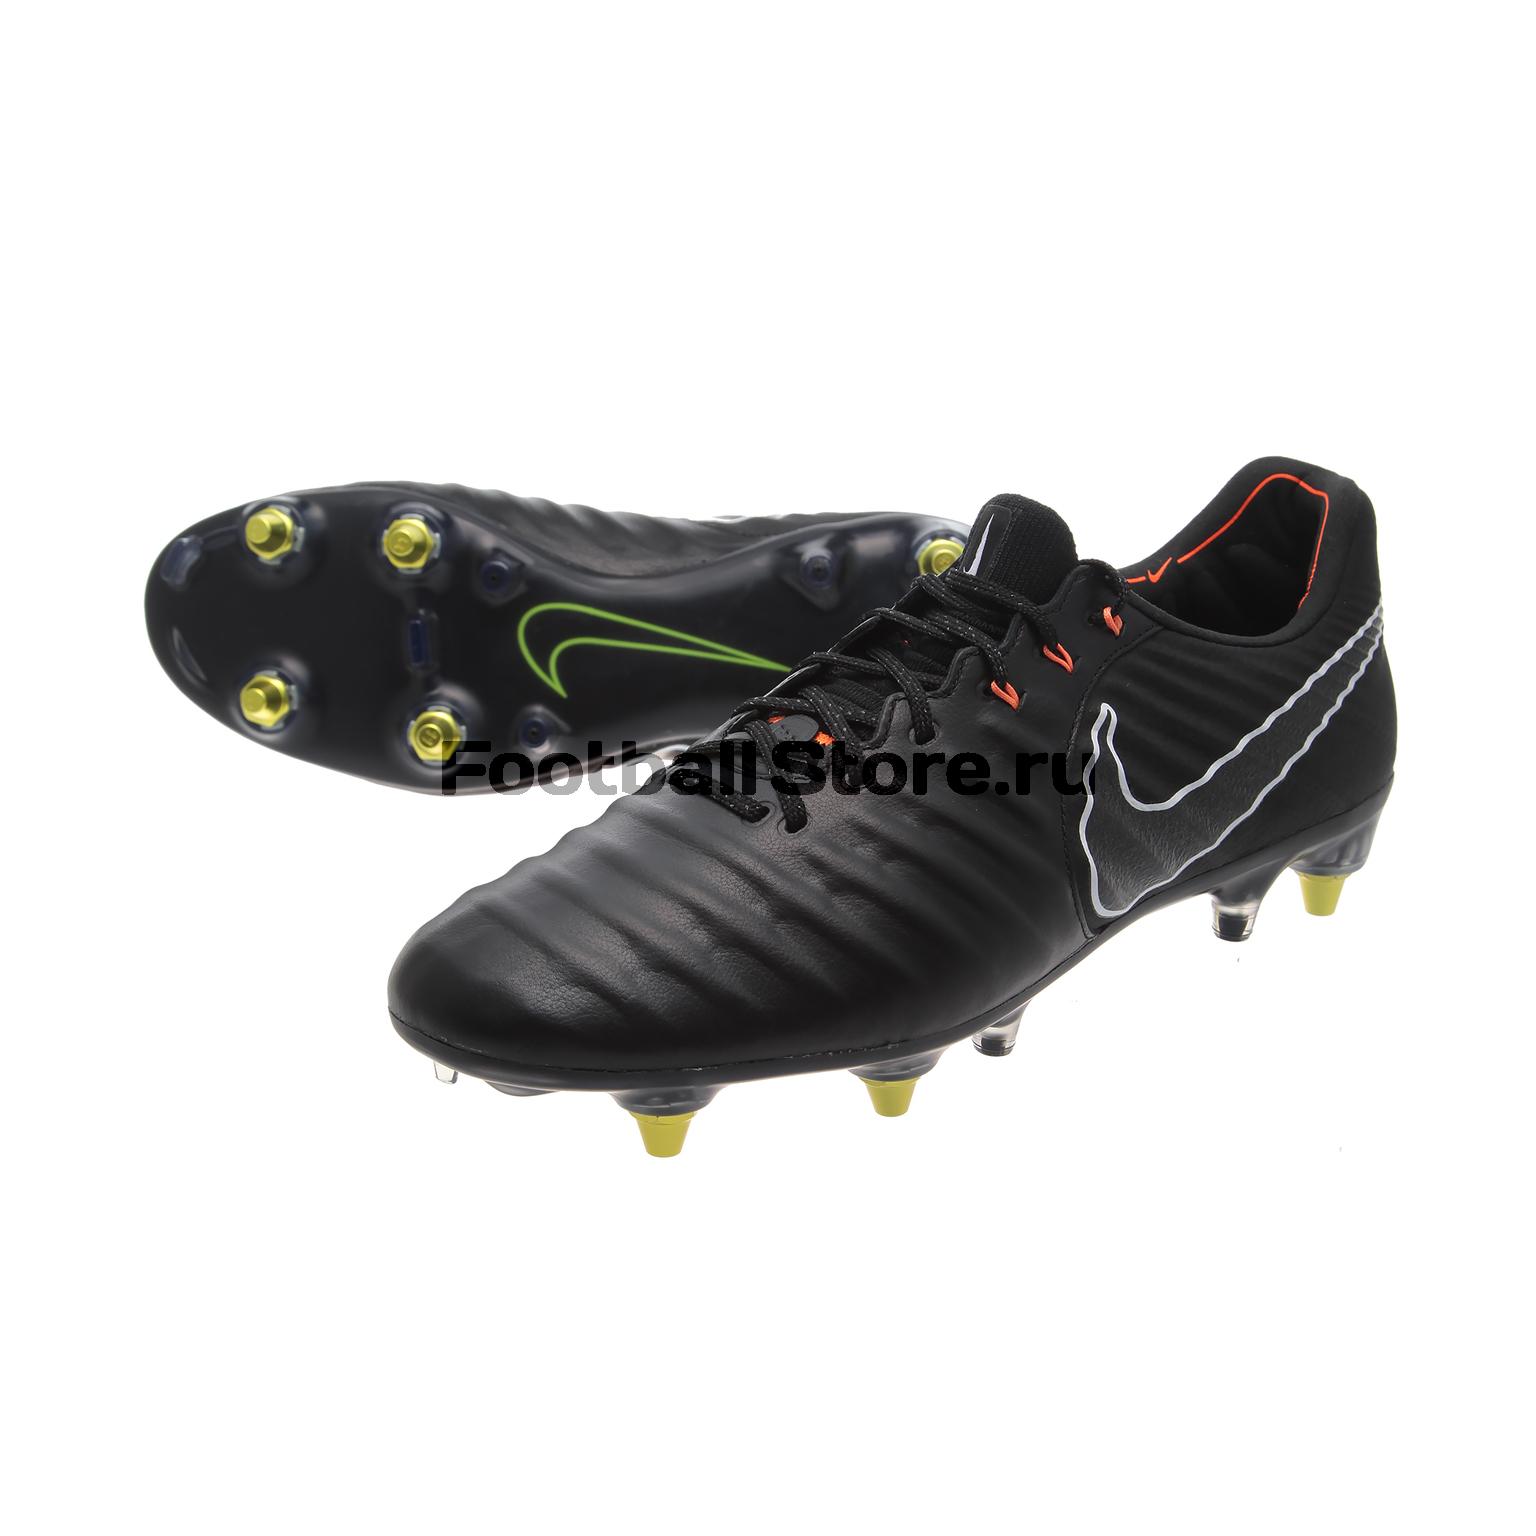 Бутсы Nike Legend 7 Elite SG-Pro AC AH7253-080 бутсы nike superfly 6 elite sg pro ac ah7366 081